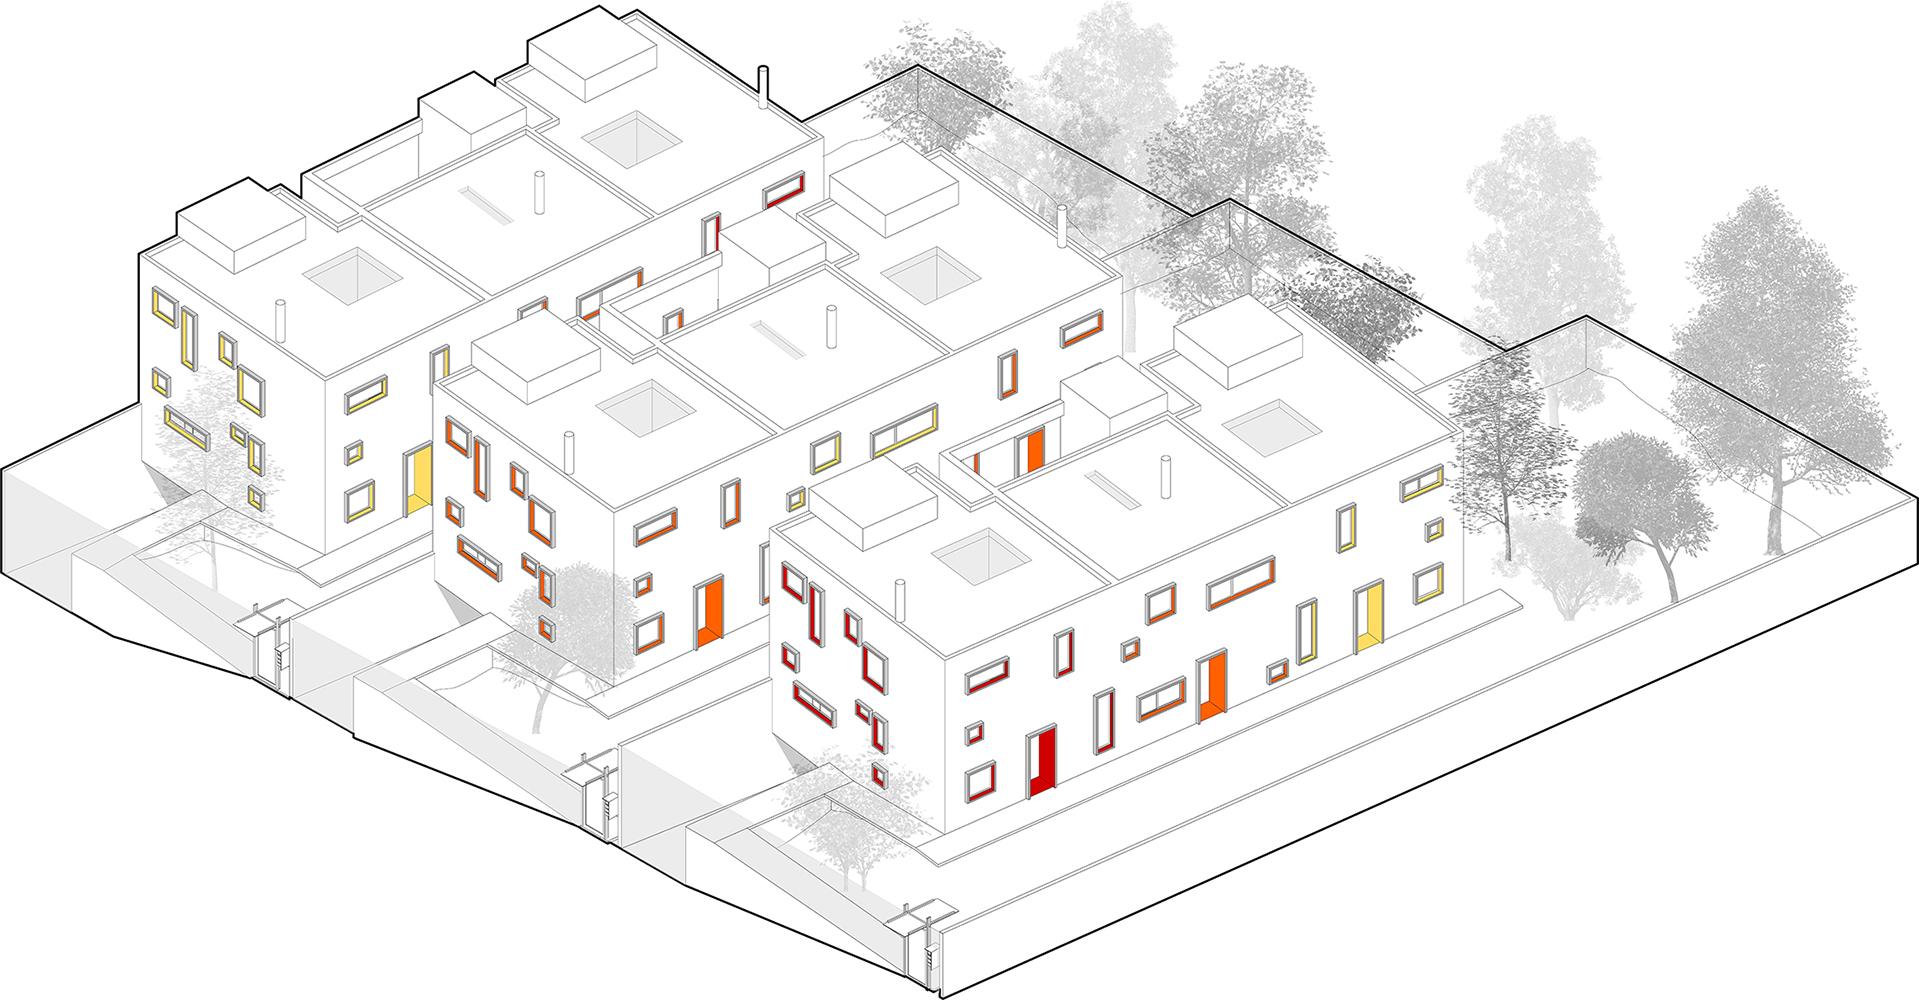 〔안정원의 디자인 읽기〕 컬러풀한 창의 조합과 보이드 공간의 특별함을 제공하는 큐브하우스2